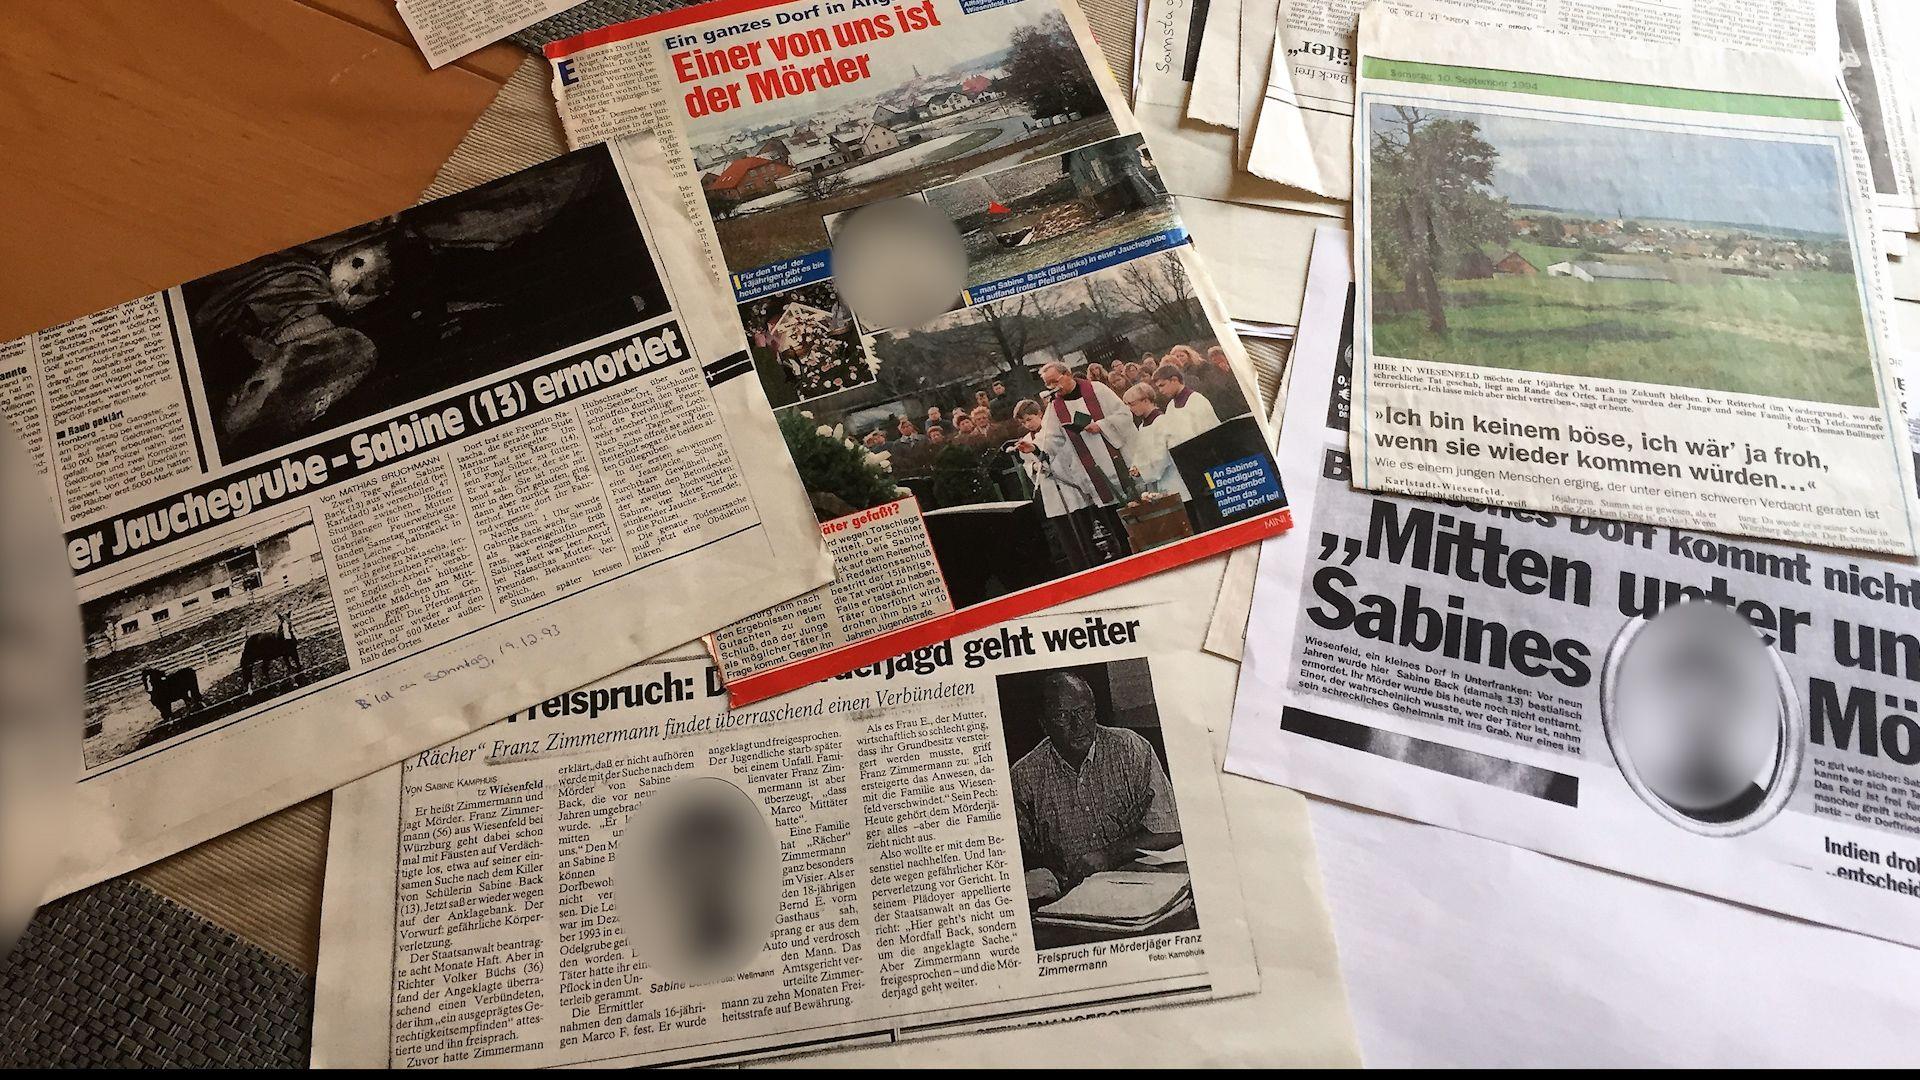 Mord an Mädchen in Wiesenfeld: Haftbefehl nach 27 Jahren